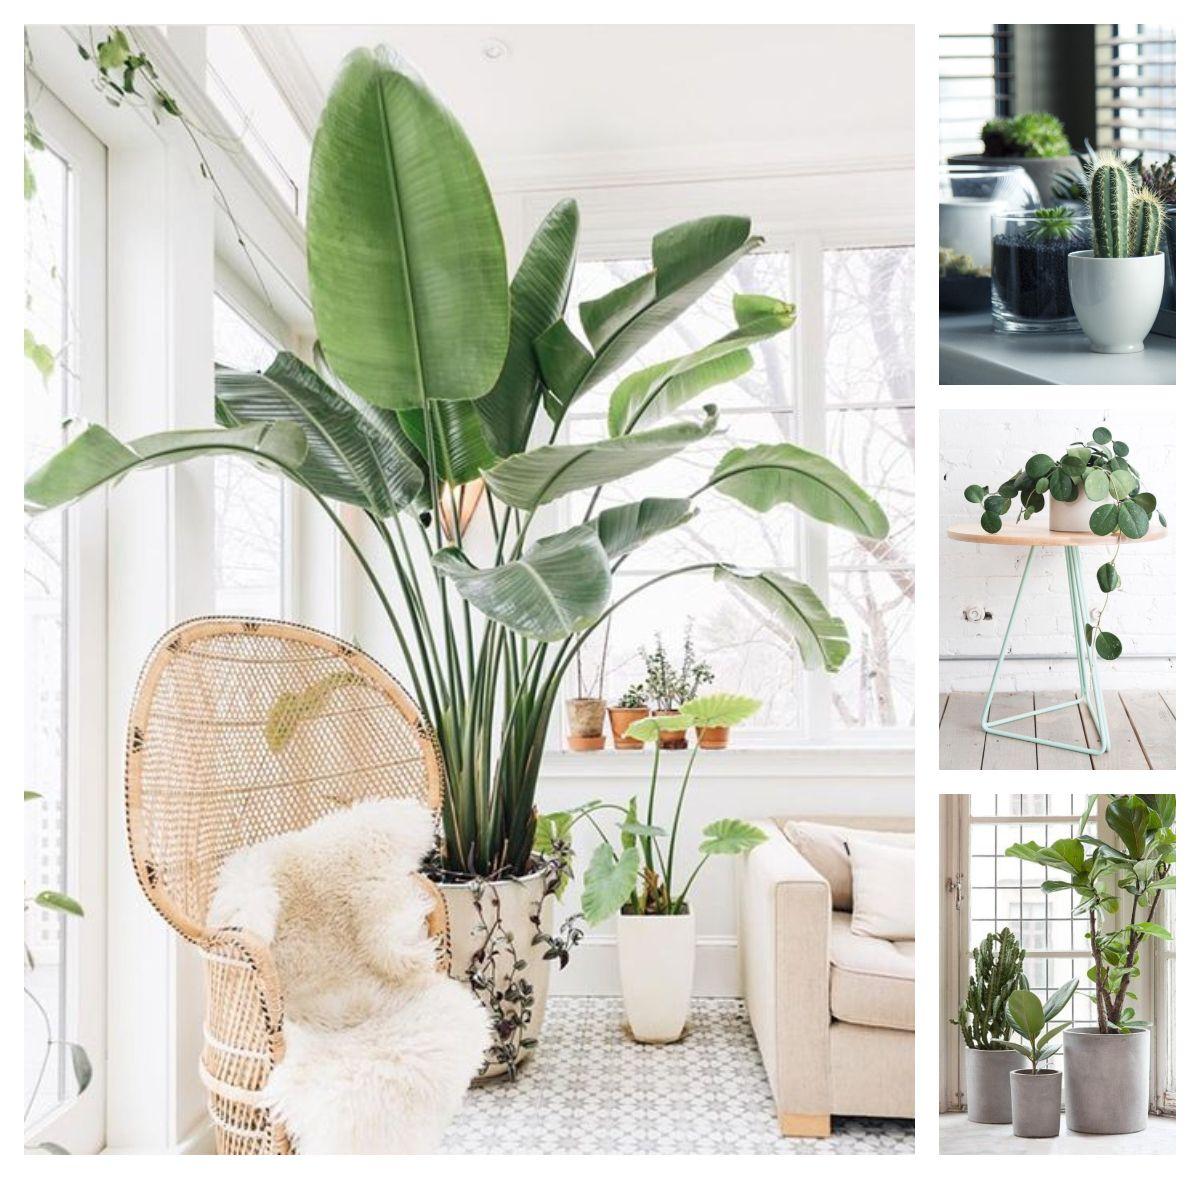 Rosliny Doniczkowe We Wnetrzach Moda Czy Koniecznosc Living Room Plants Tropical Living Room Interior Plants